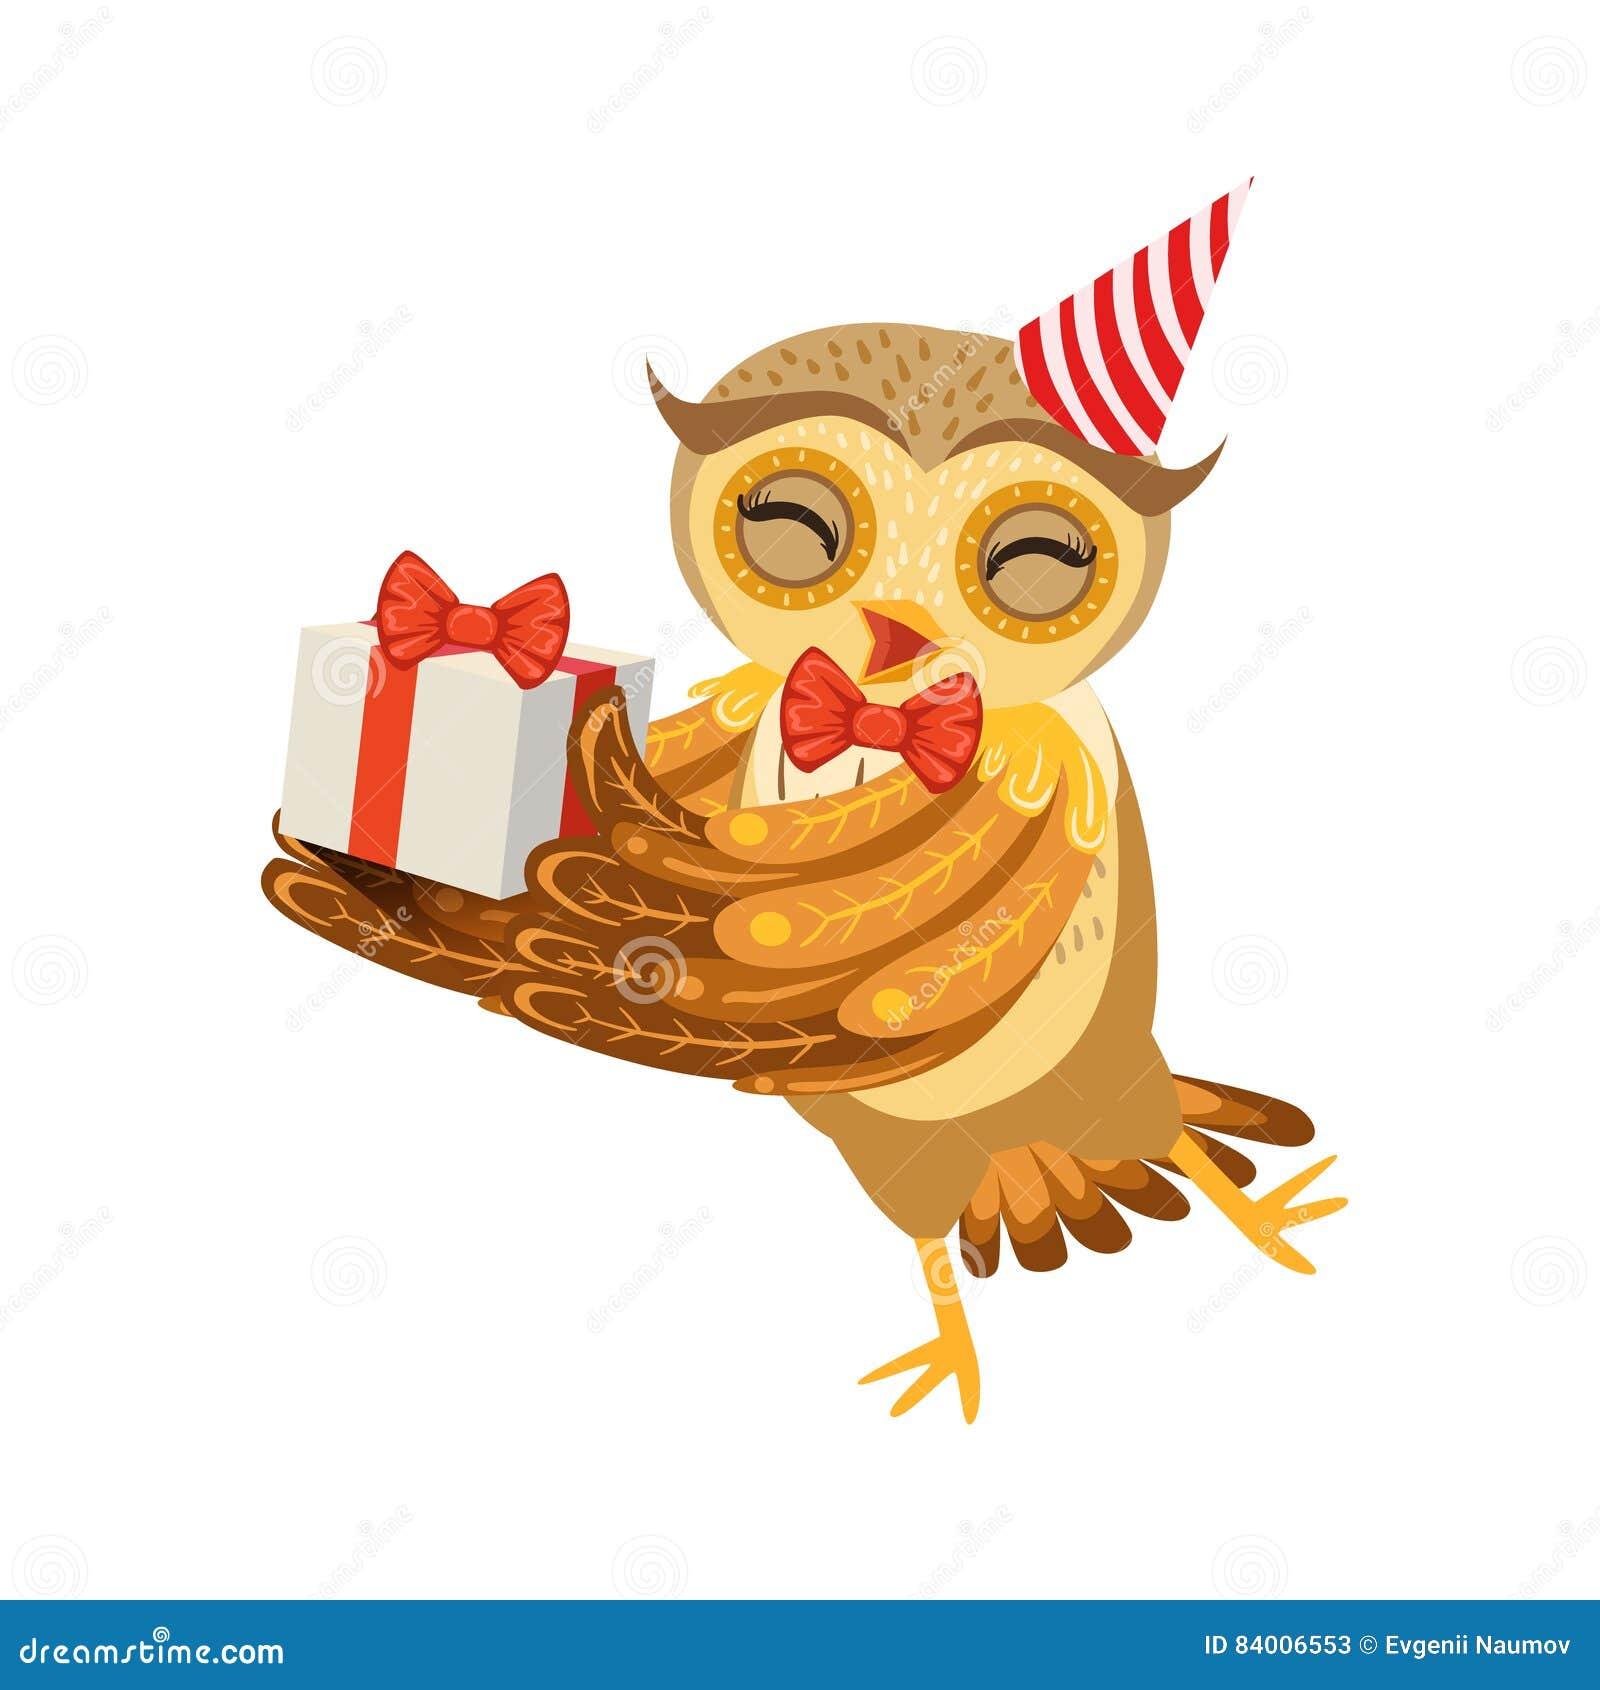 Owl And Birthday Present Cute Zeichentrickfilm Figur Emoji Mit Forest Bird Showing Human Emotions